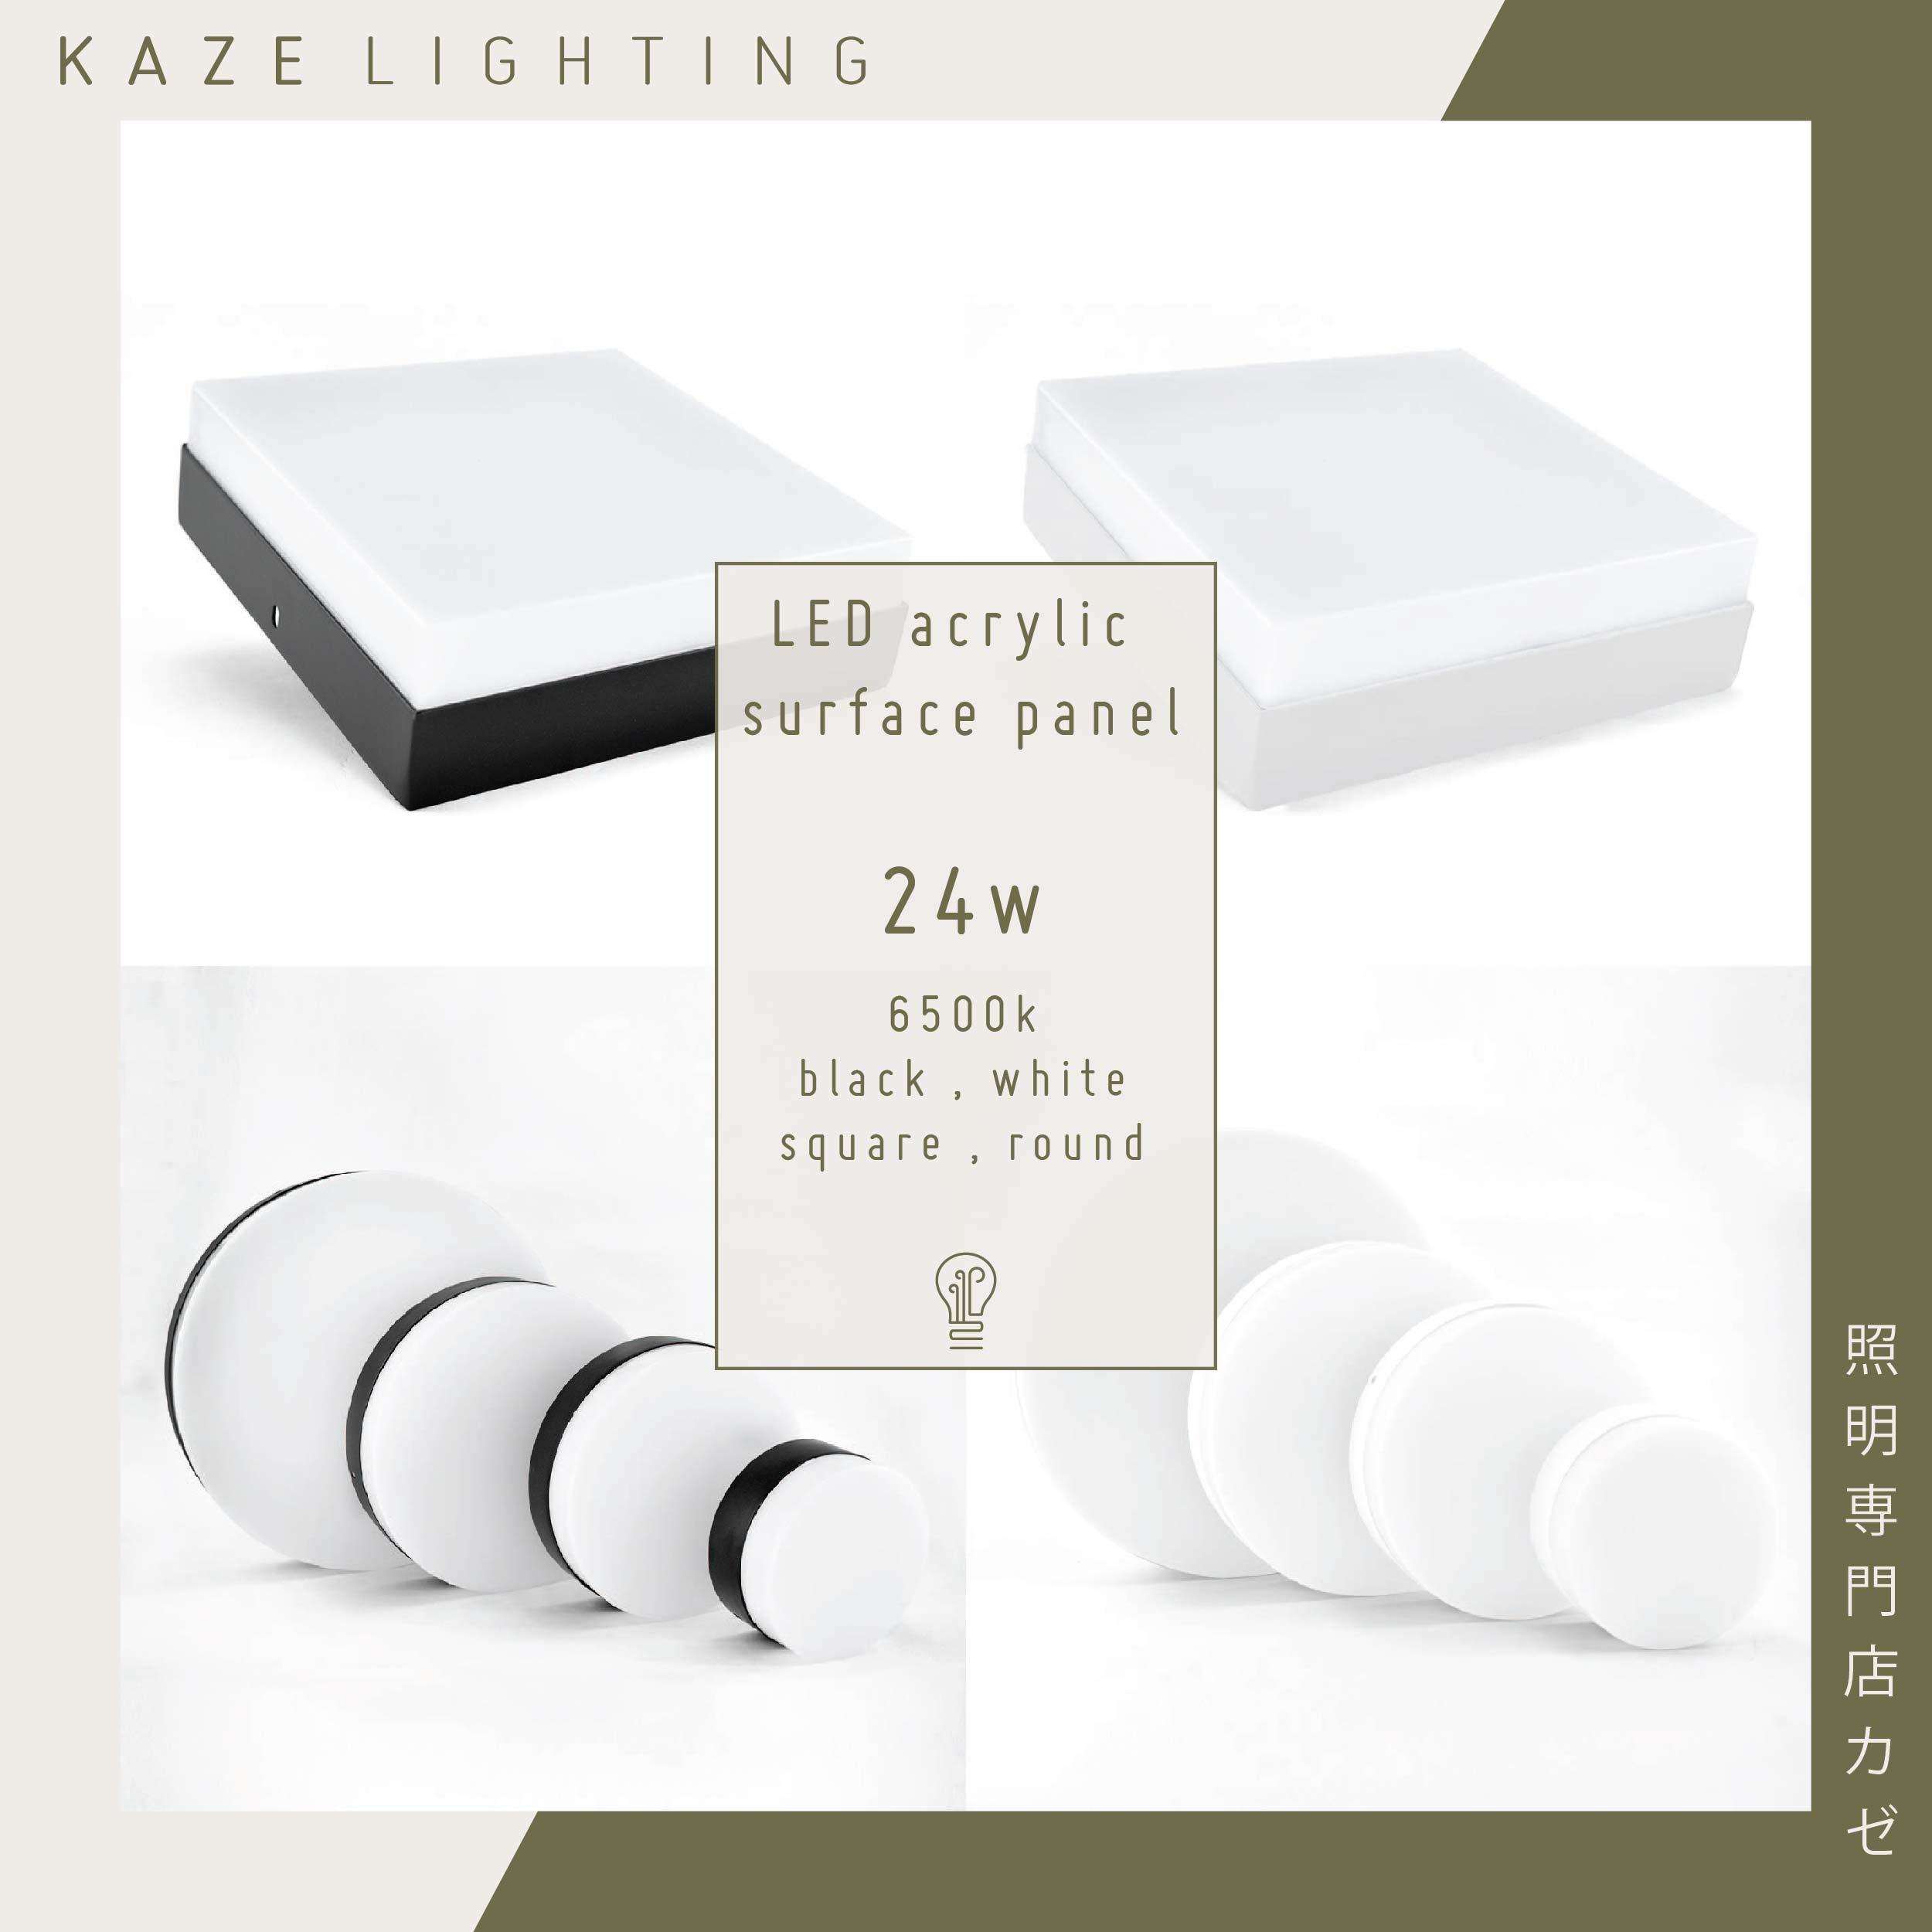 4Pcs LED Ceiling Light 24w Surface Mount Panel Acrylic